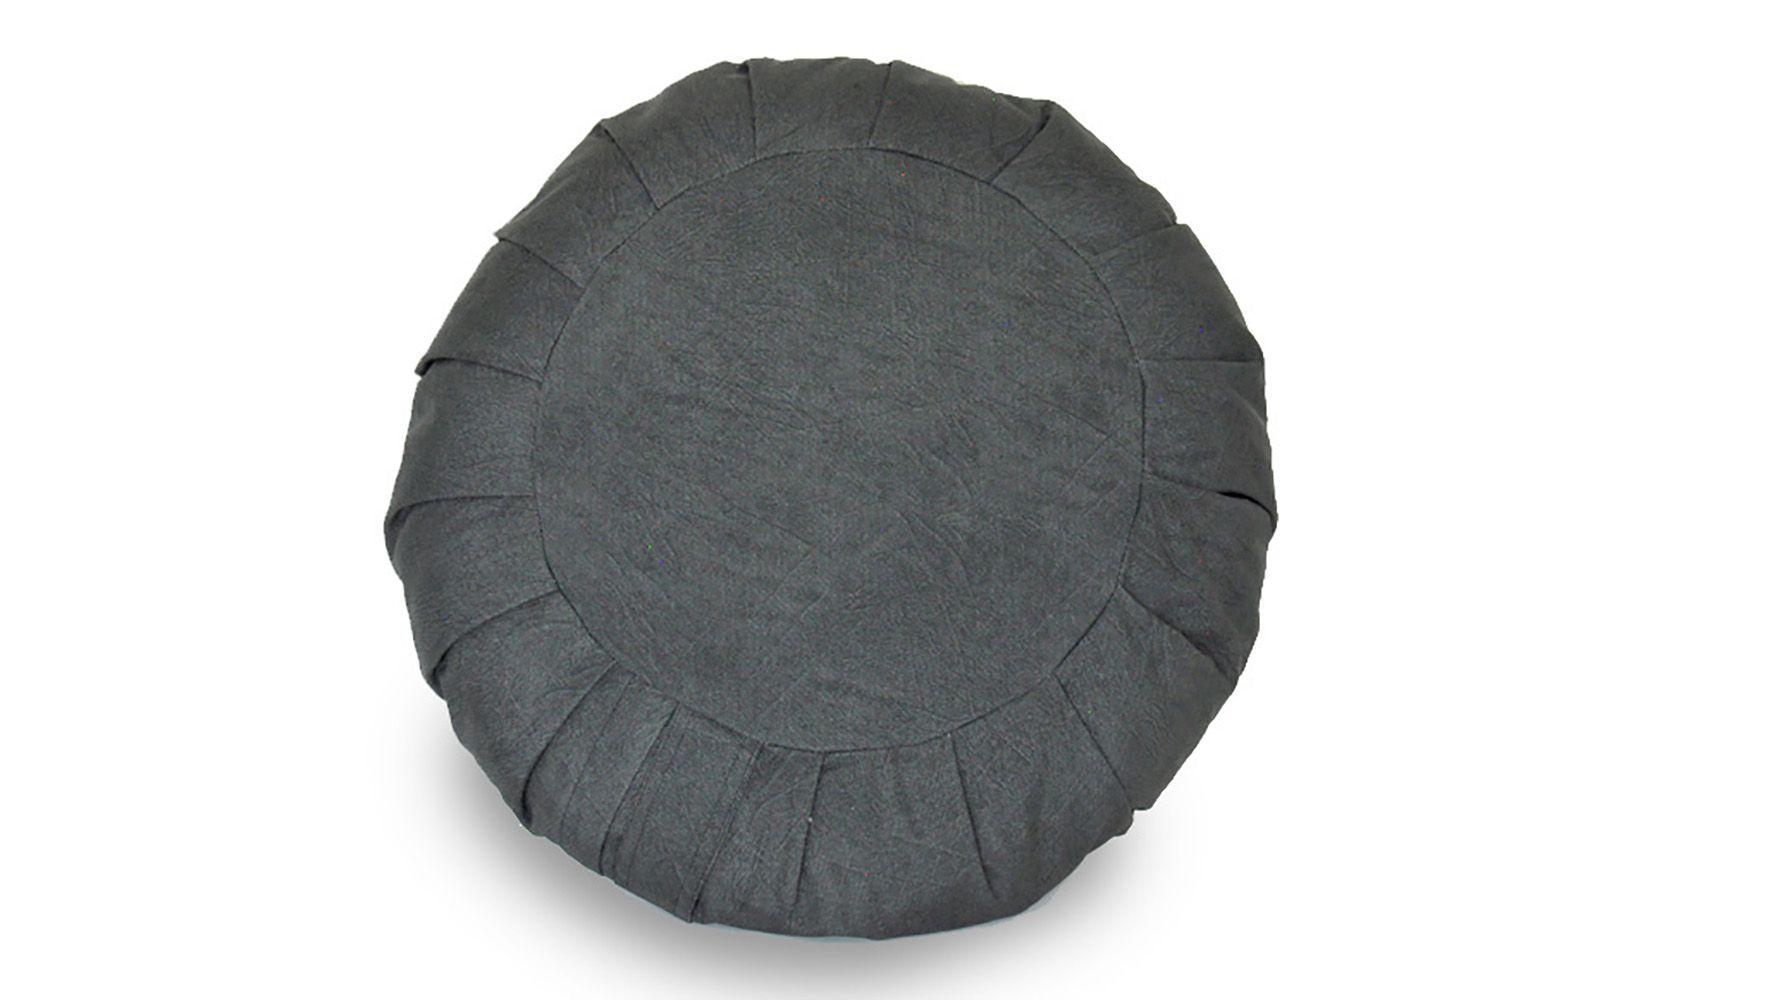 Zafu Nature Almofada de Meditação  Revestida em Tecido Hidrorrepelente G  Ø38 cm 15cm altura